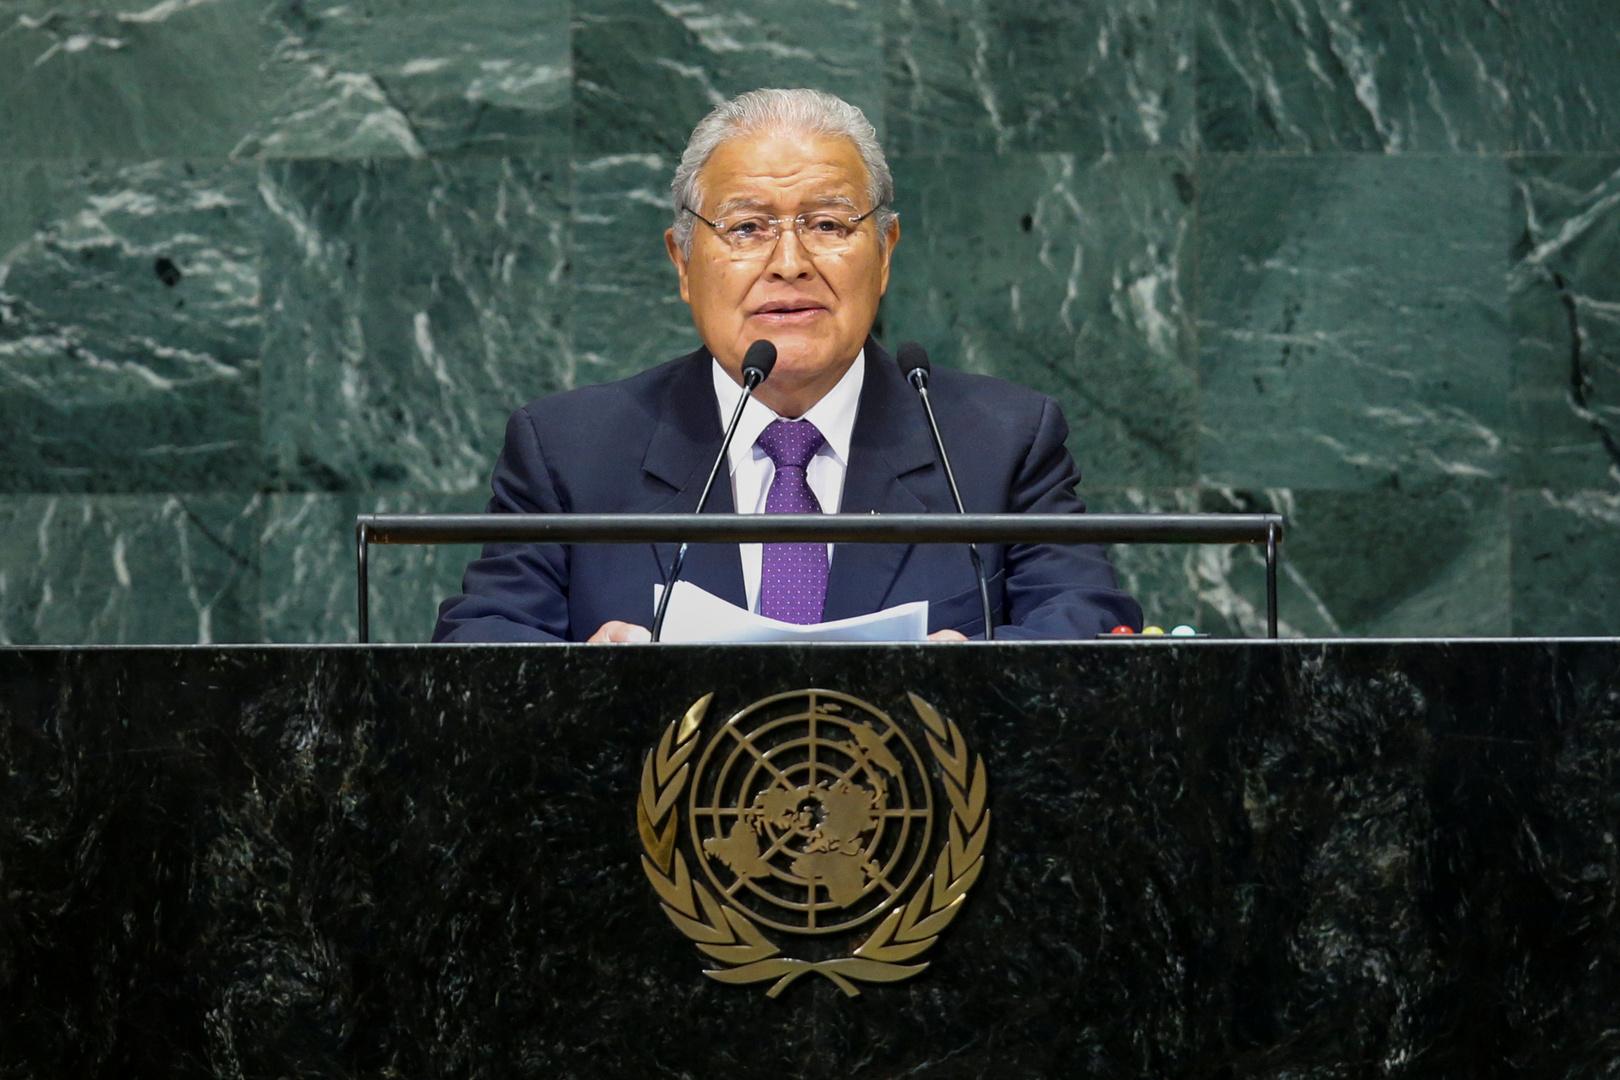 النيابة العامة للسلفادور تصدر مذكرة توقيف بحق رئيس البلاد السابق